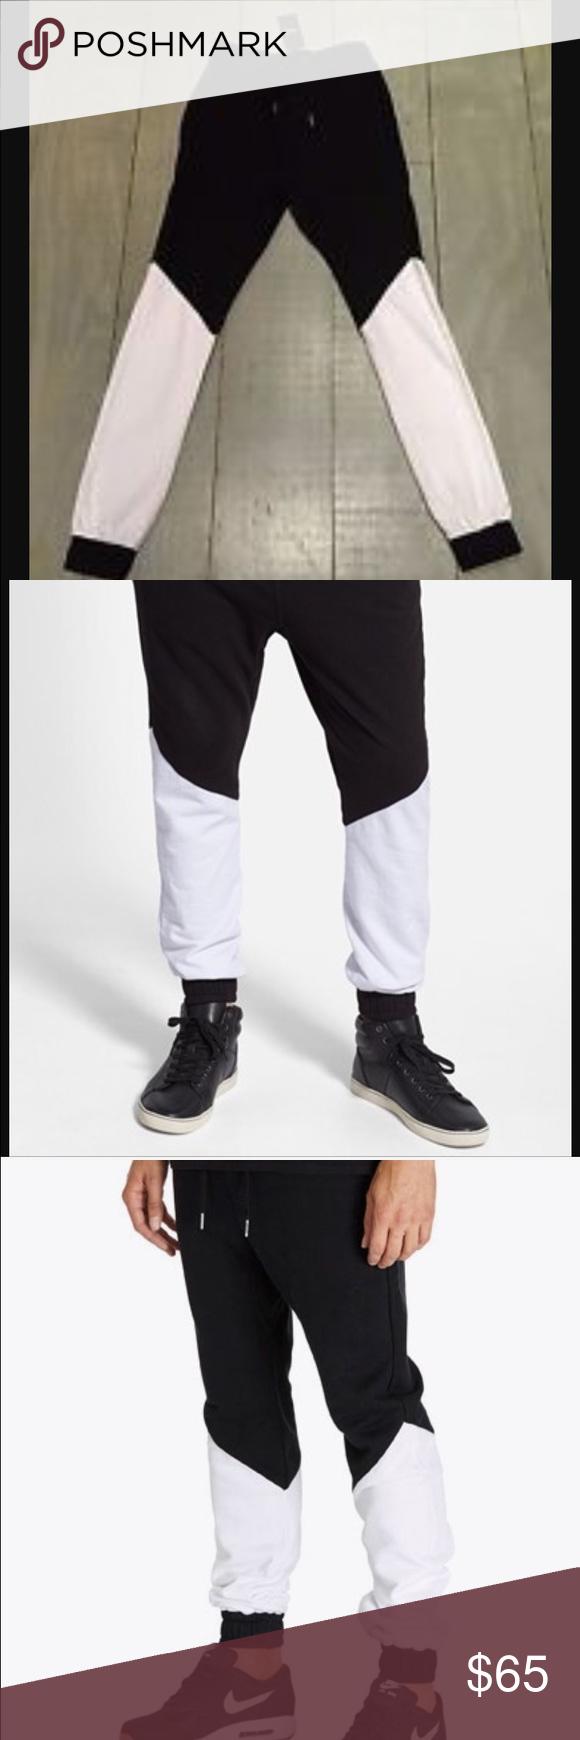 NWOT Zanerobe Tracker Sweat Jogger Pant sz. 36 NWOT Zanerobe Tracker Sweat Jogger Pant sz. 36  these retailed for $130 Zanerobe Pants Sweatpants & Joggers